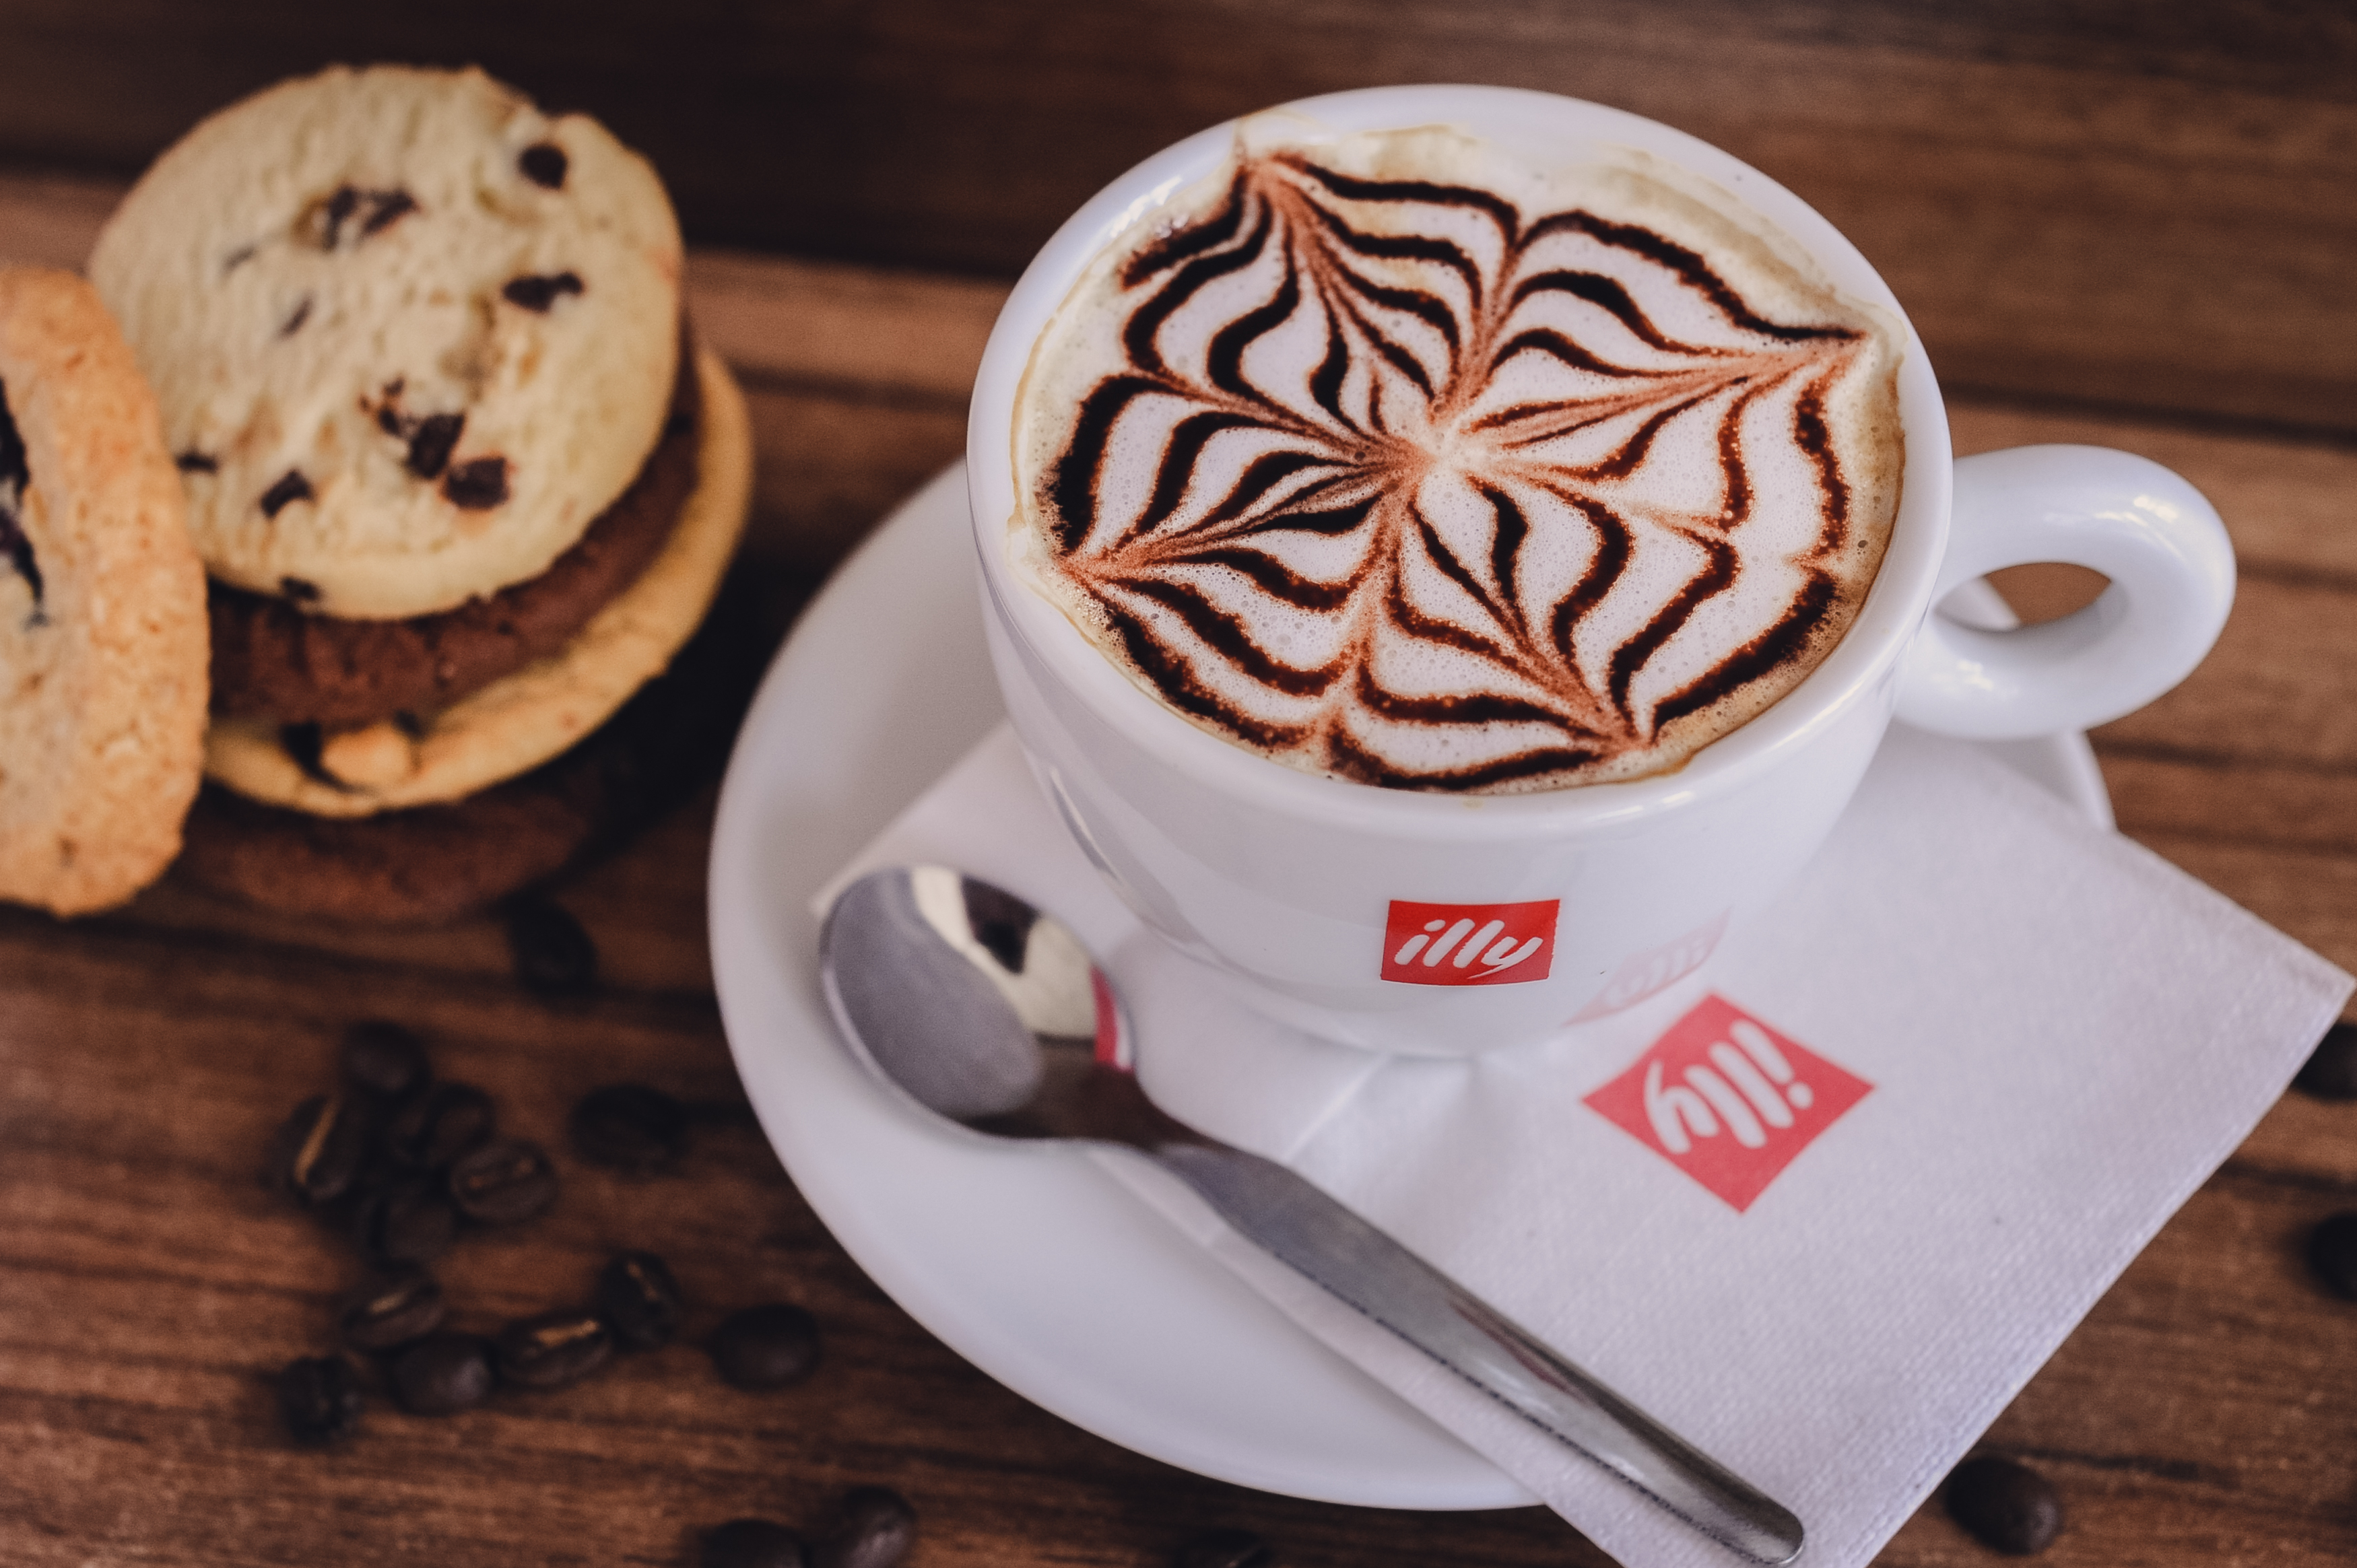 folyondár, kávézó, cafe, illy